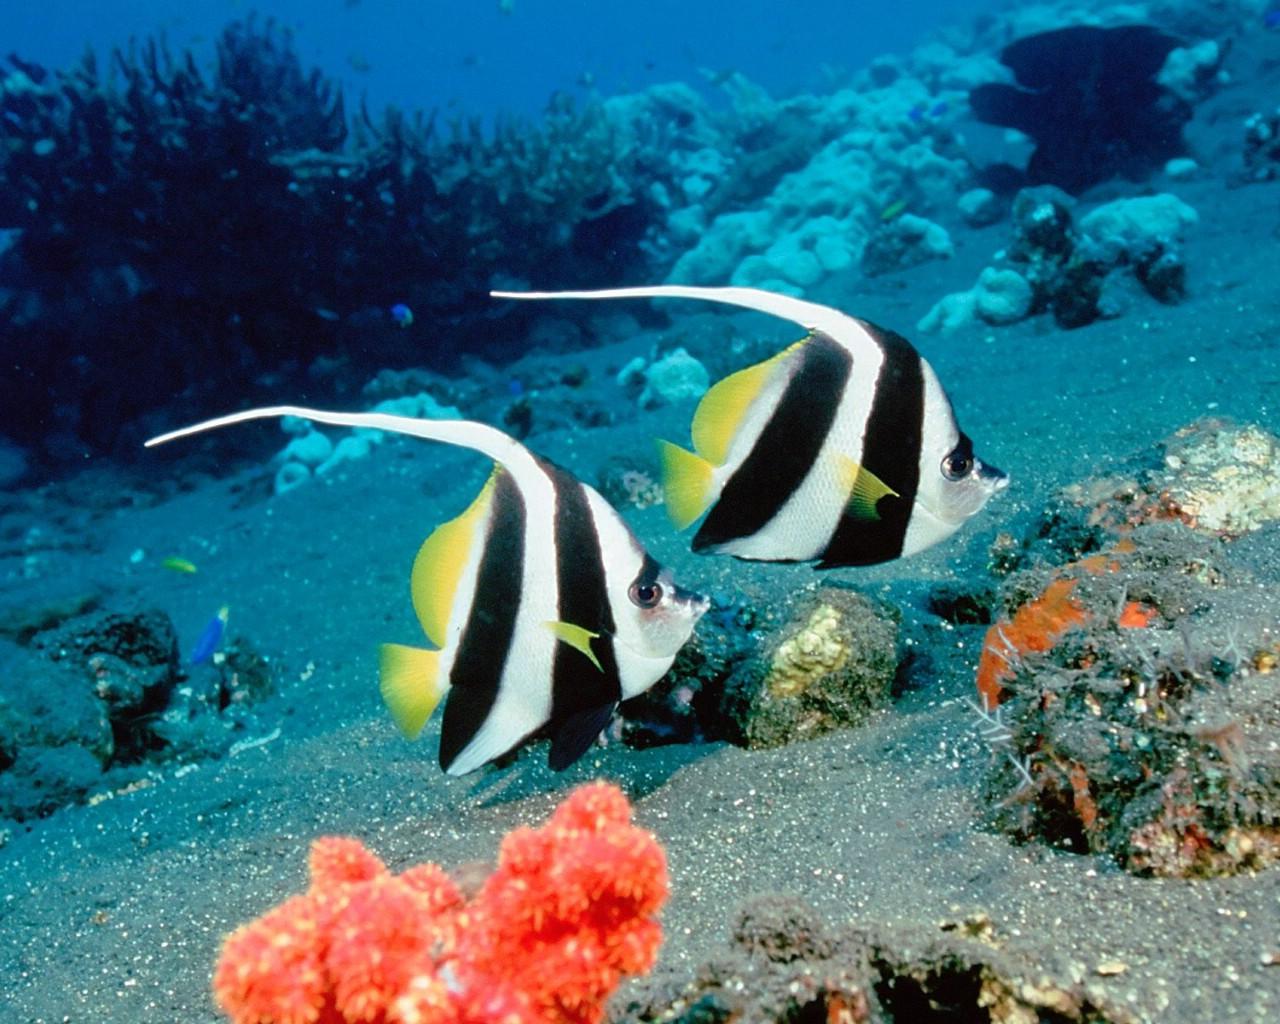 海洋生物图片 100种海洋鱼类名称大全图片